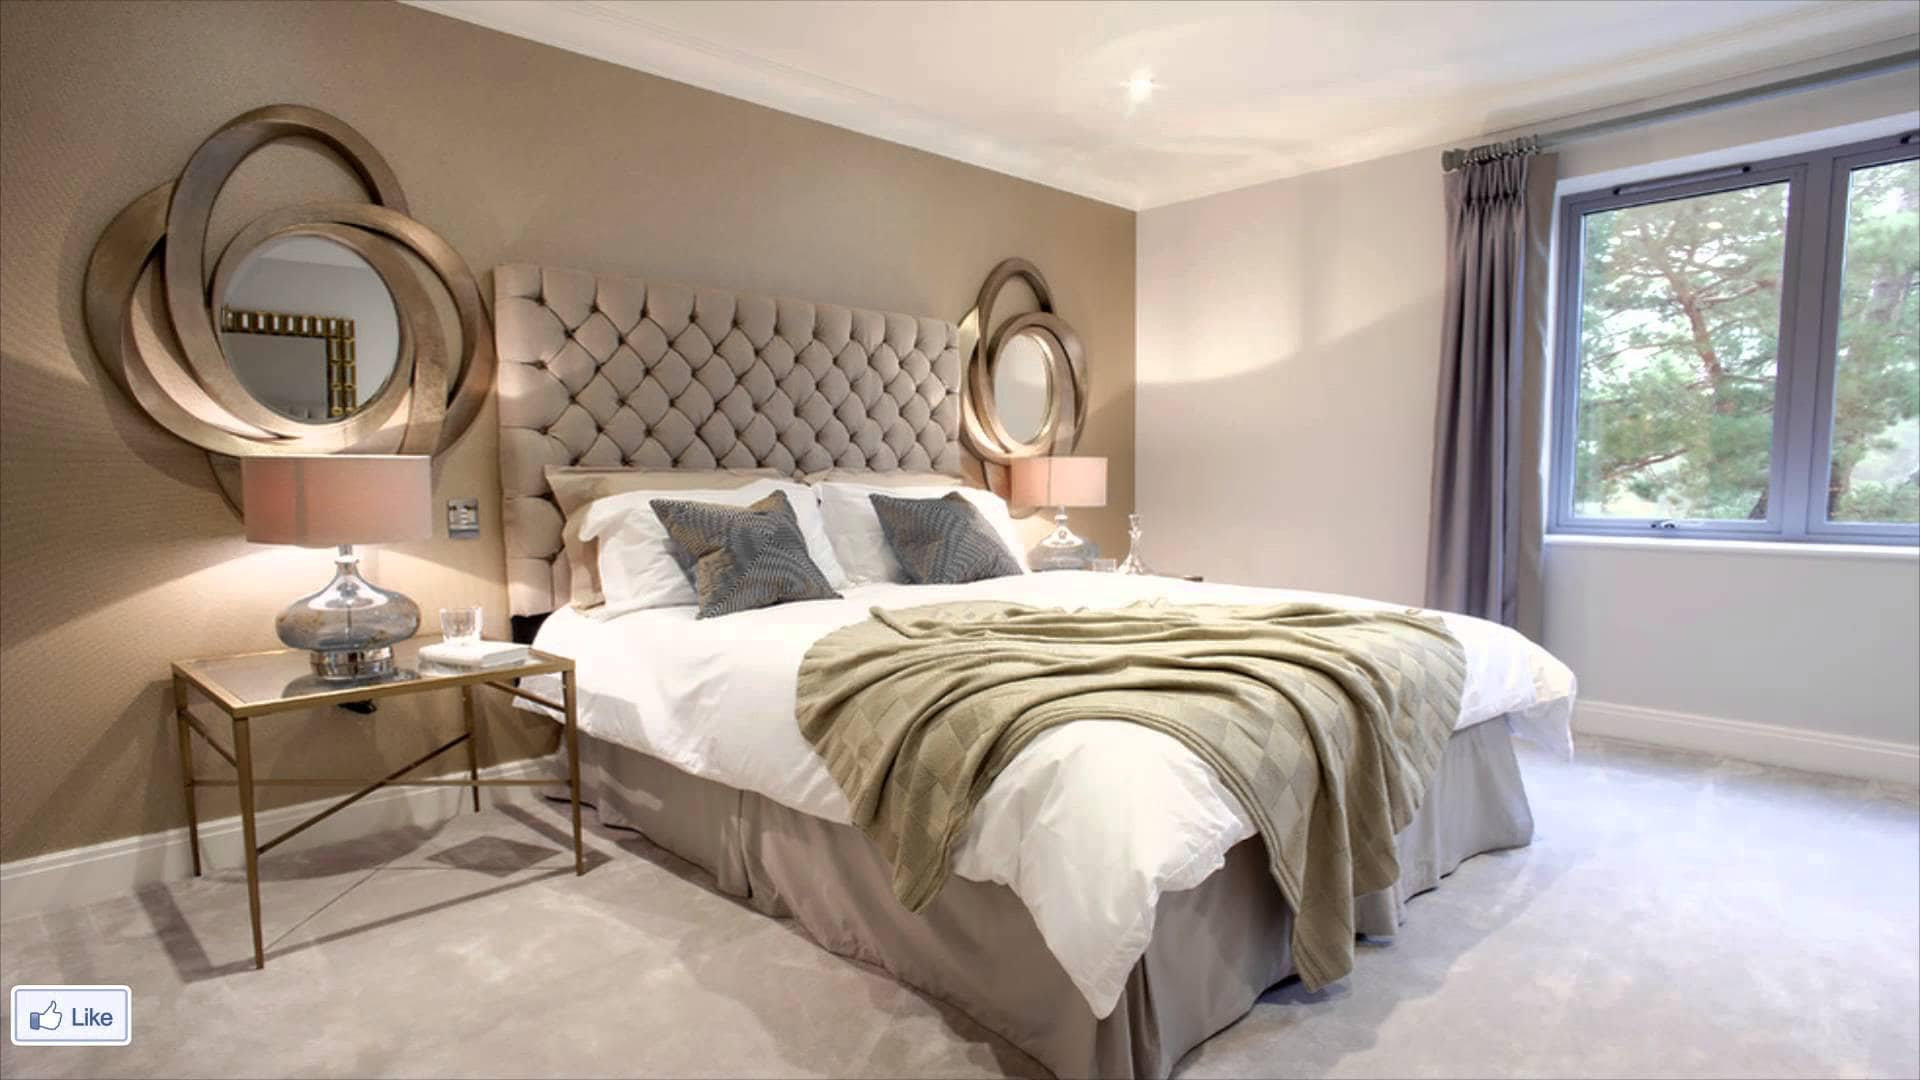 Cabeceros de cama elegantes y originales - Cabeceros baratos y originales ...